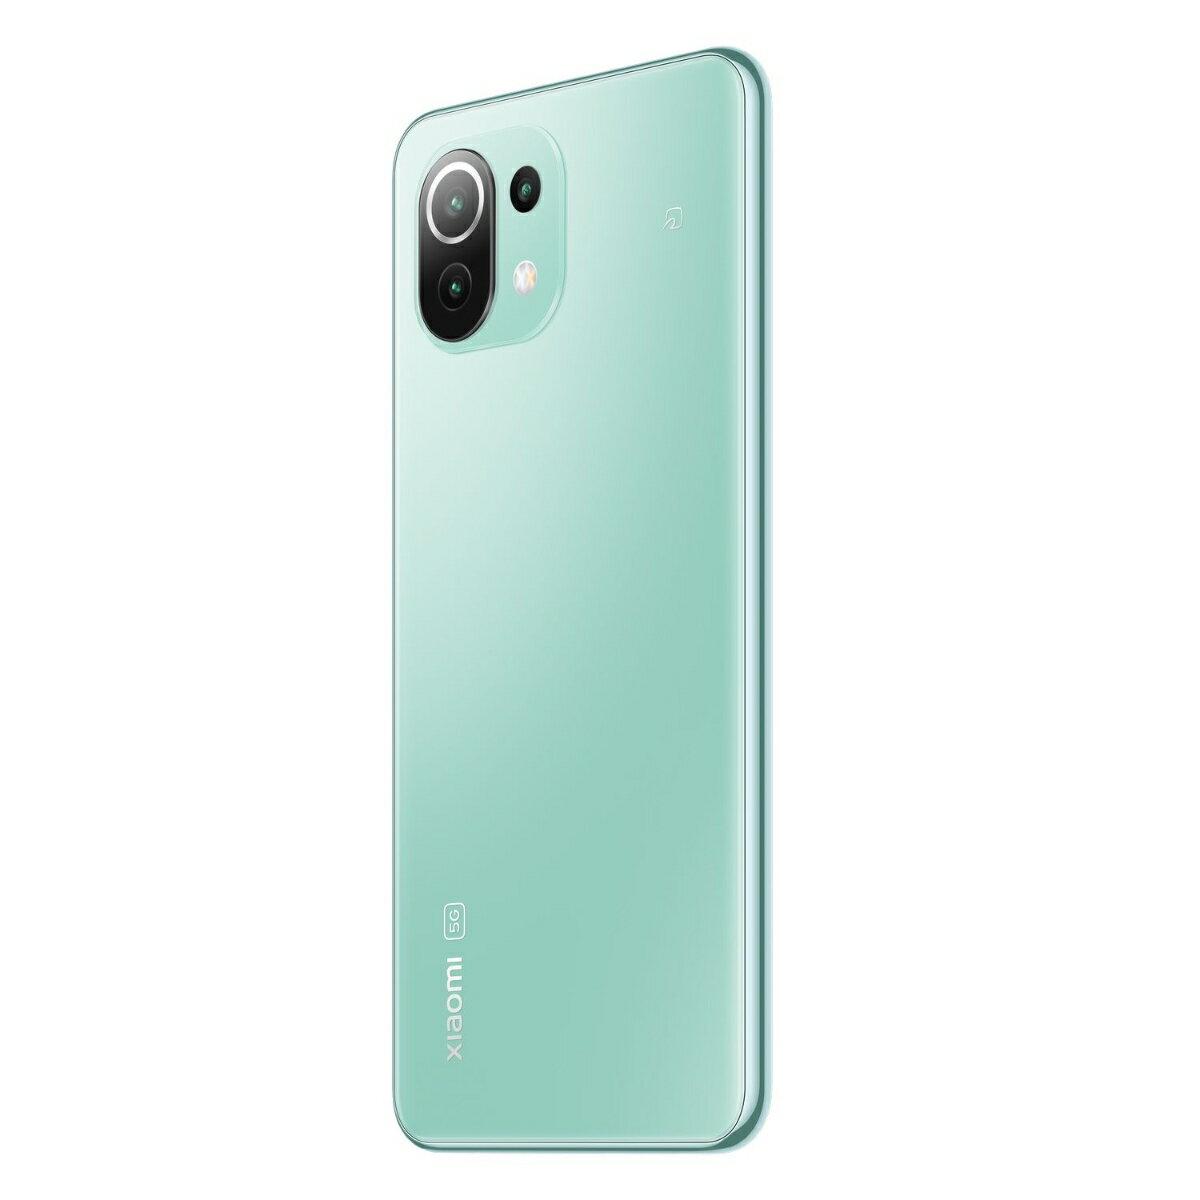 Mi 11 Lite 5G-Mint Green